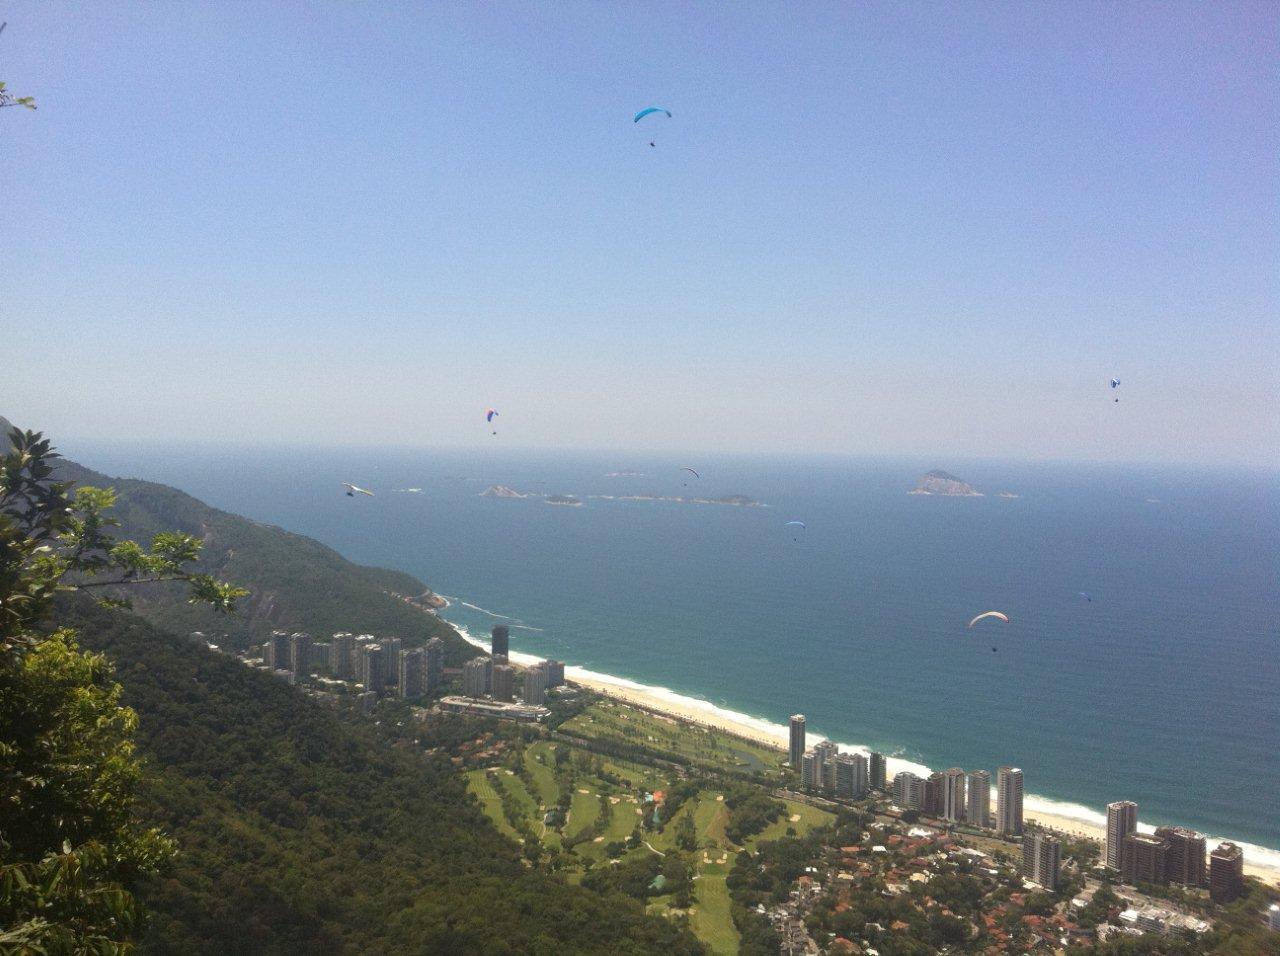 Vôo de Asa Delta em São Conrado Rio de Janeiro por Omar Cassol  #325B99 1280x956